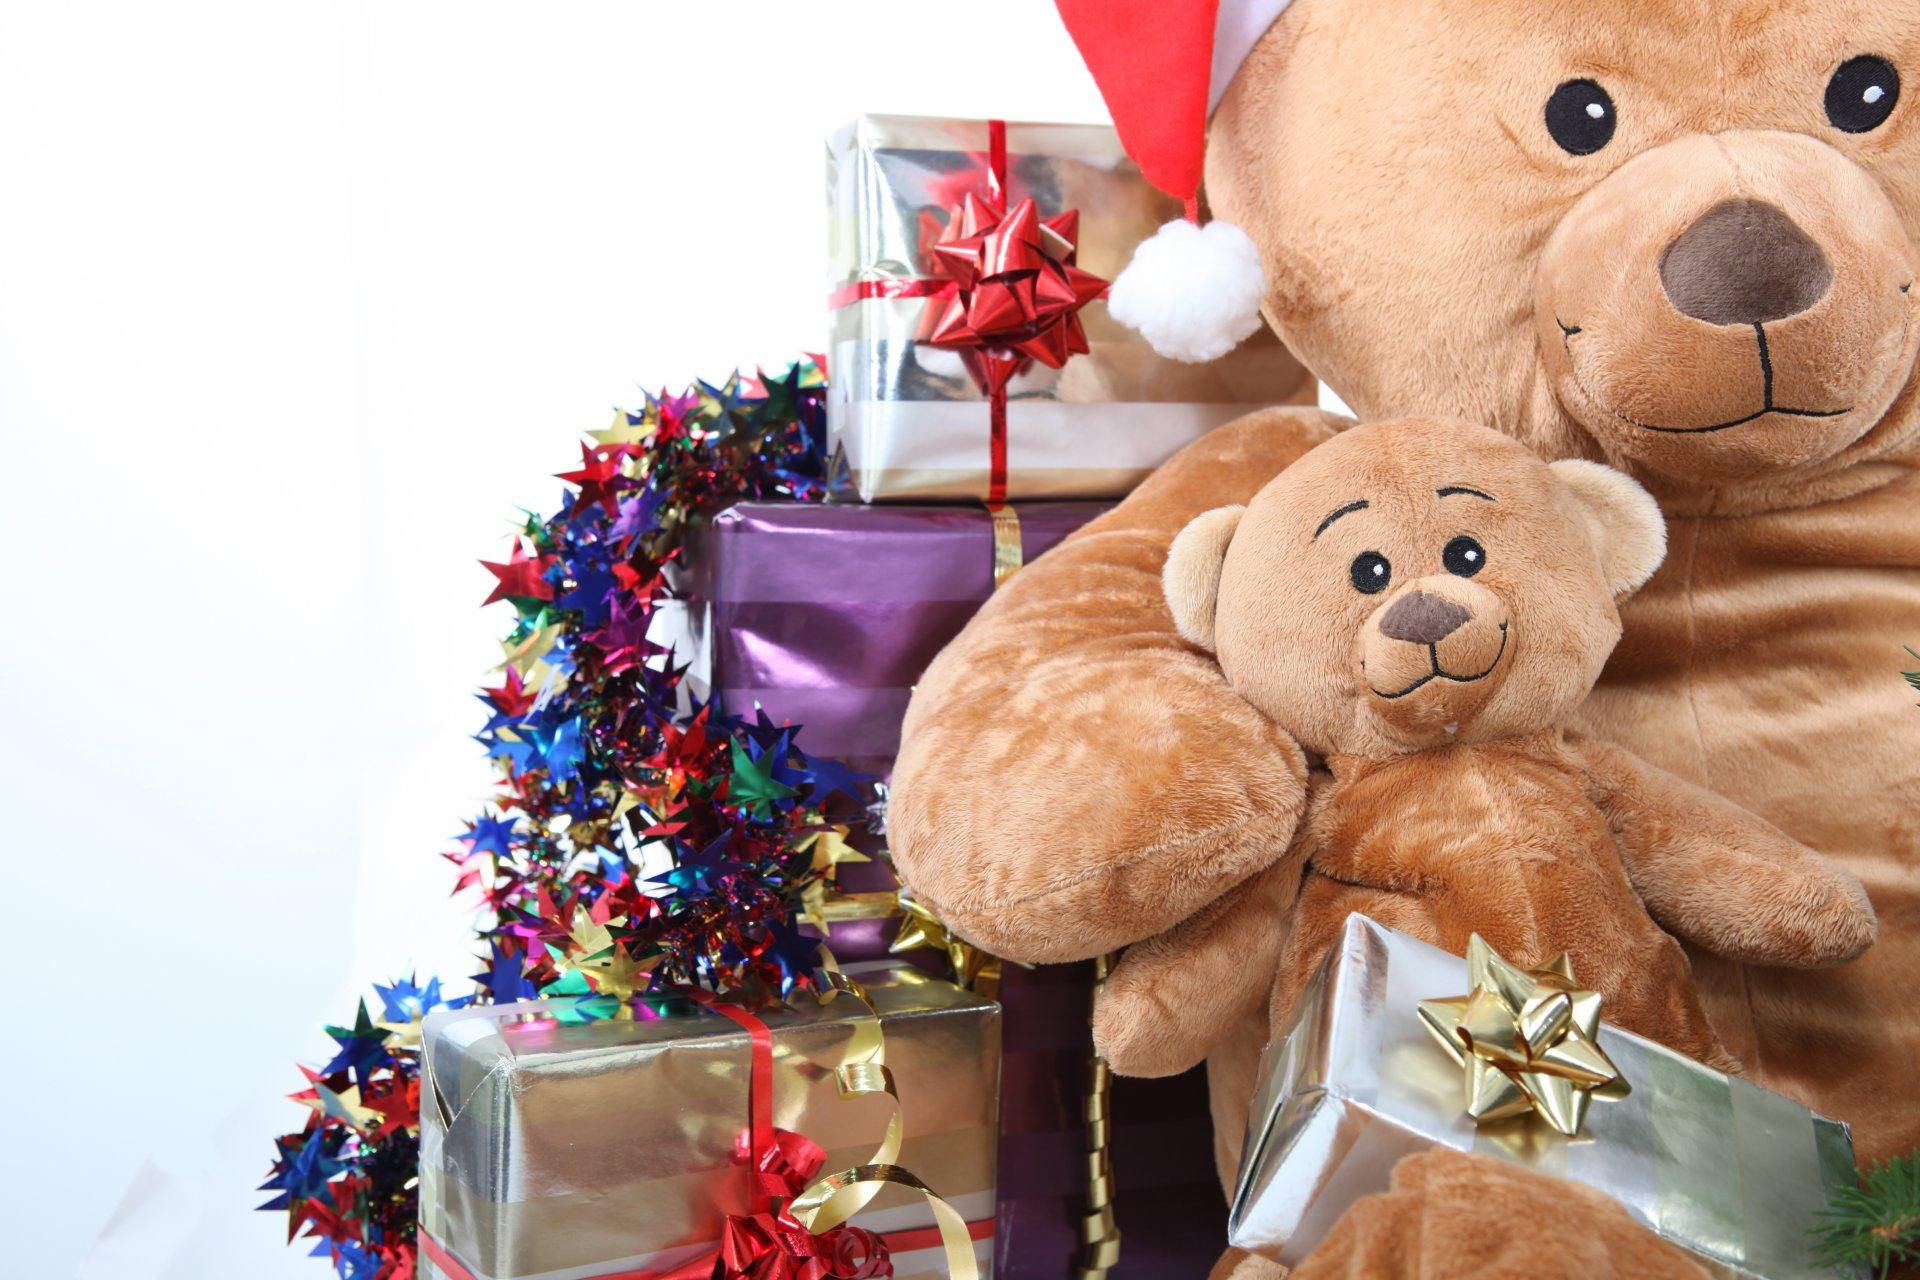 подарок на новый год картинки игрушки микрорайоне академгородок